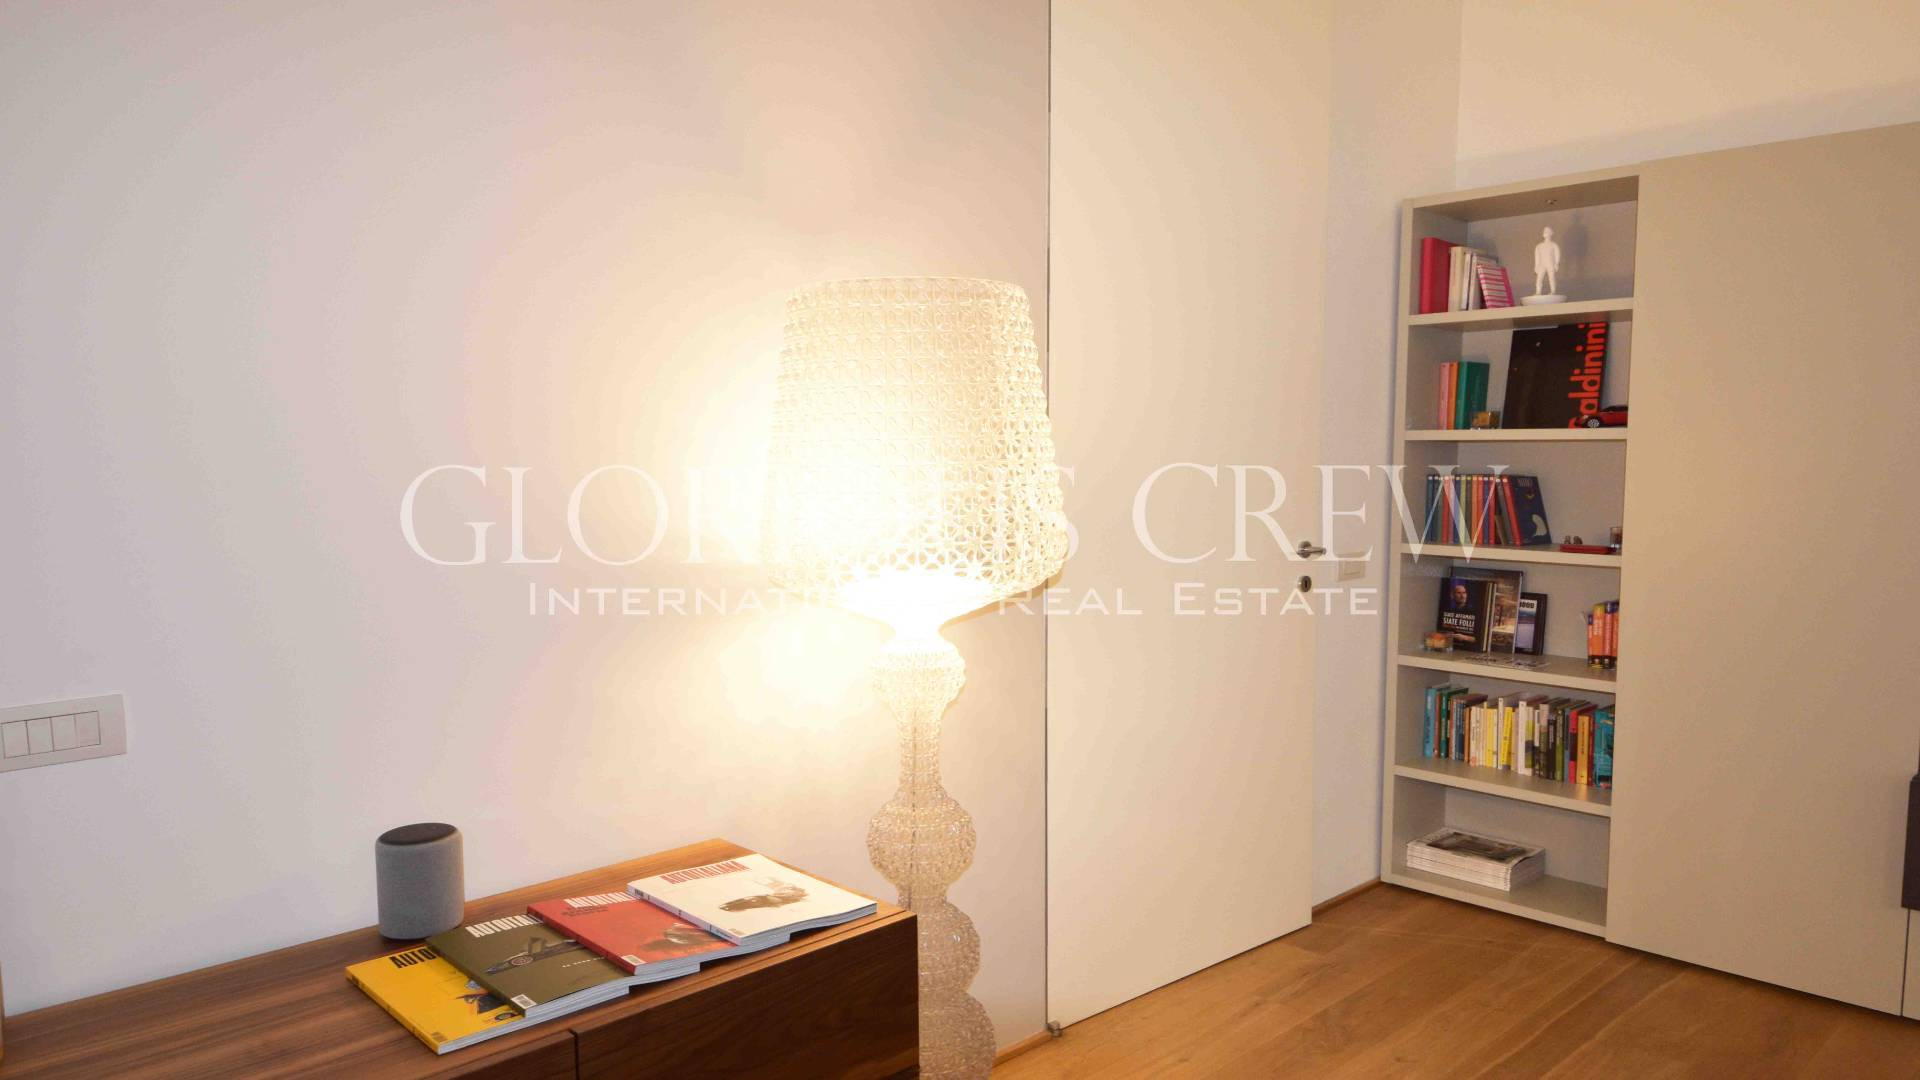 Appartamento in Vendita a Milano: 2 locali, 85 mq - Foto 4